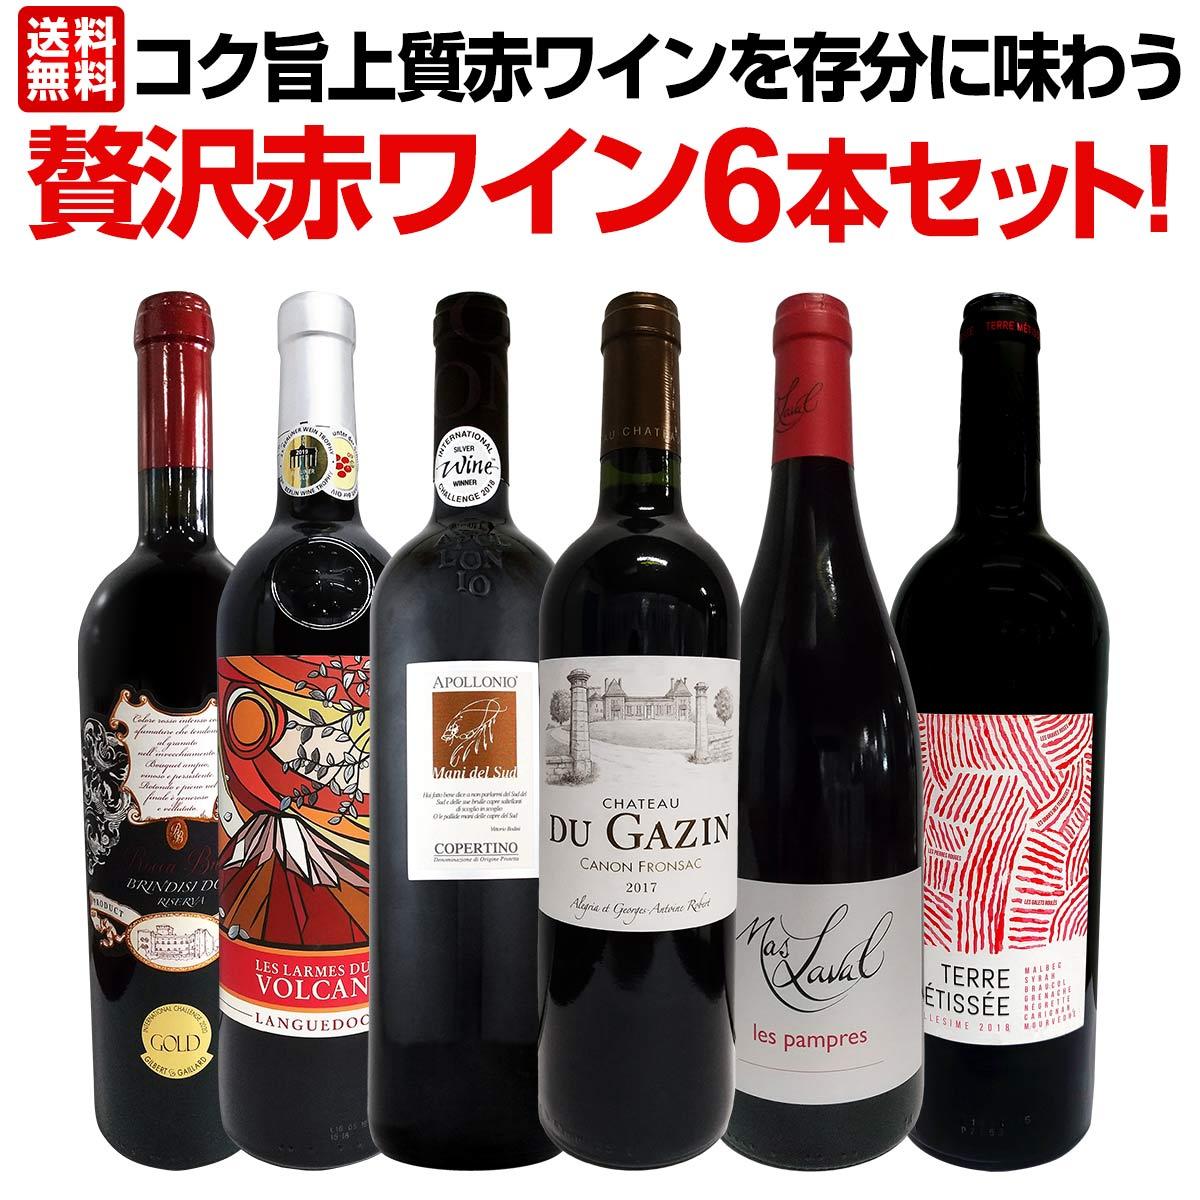 【送料無料】当店≪極≫厳選!赤ワイン好きならこのセット!格別の美味しさ!コク旨上質赤ワインを存分に味わう贅沢赤ワイン6本セット!